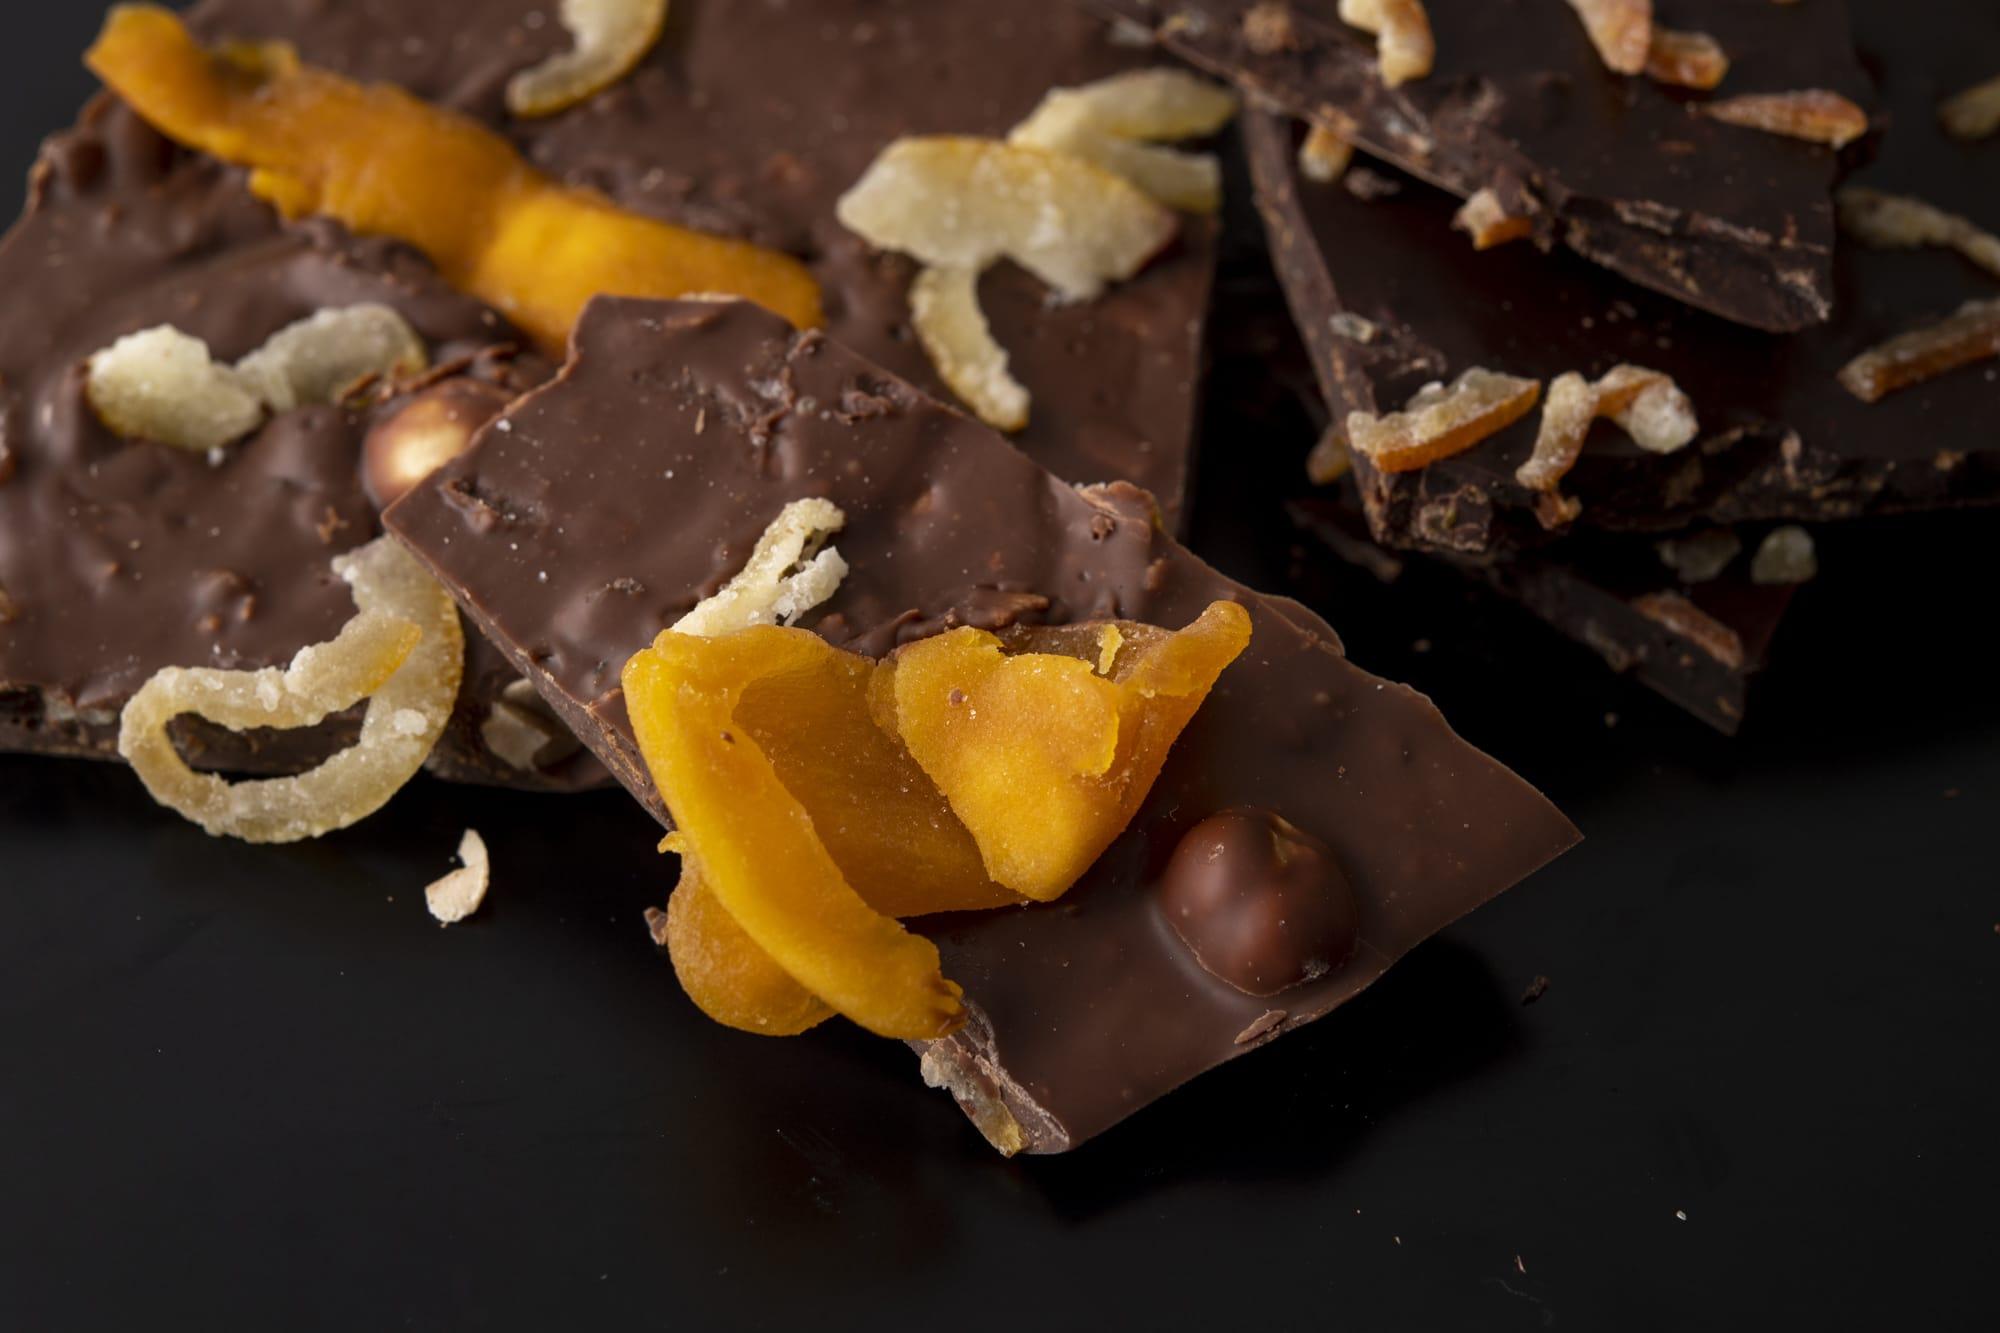 ベルギーでよく見られる、ナッツやドライフルーツが入った量り売りの板チョコ。ミルクチョコレートはドライマンゴー、マカダミアナッツ、クルミ、アーモンド、レモンピール入り。ほろ苦いブラッドオレンジピールとアーモンドの入ったダークチョコレートは、ロイヤルティーヌも入ってサクサク食感「プラック・ショコラ」800円/100g(税別)